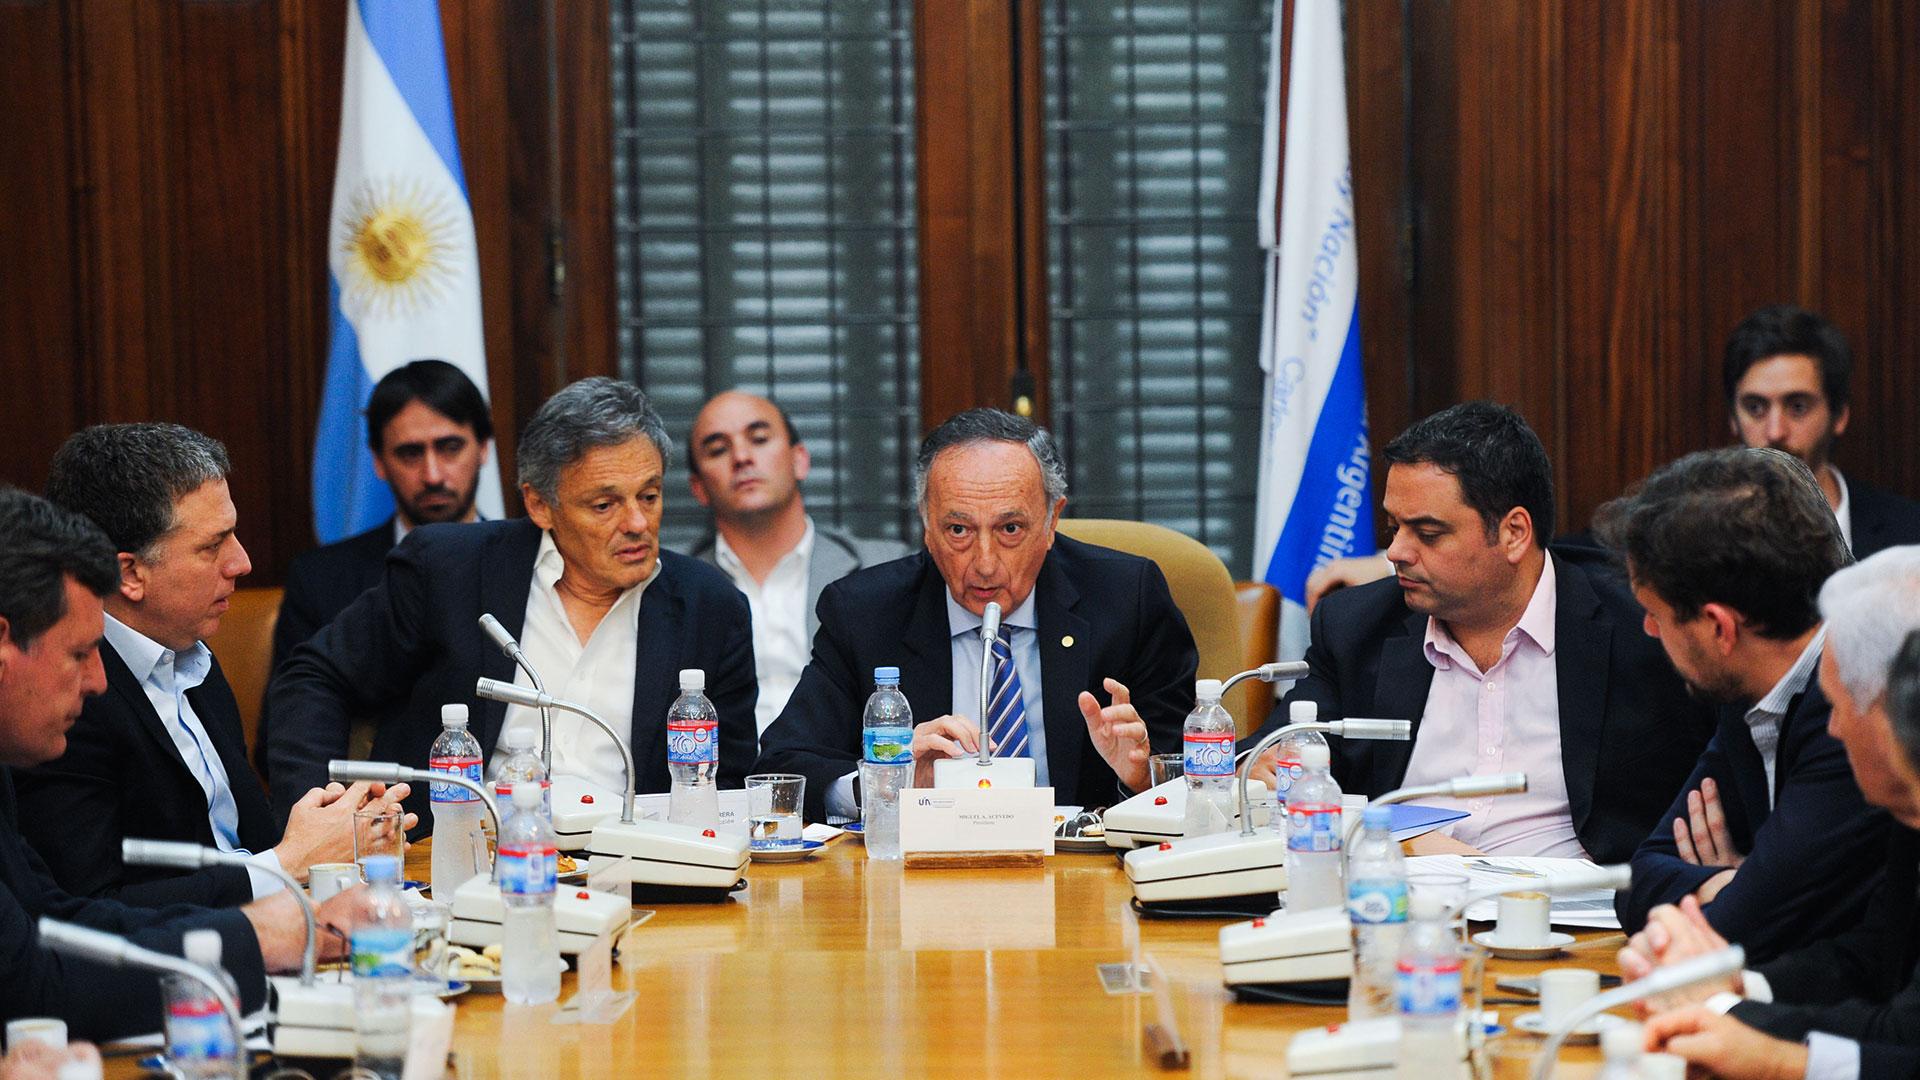 EL presidente de la UIA, Miguel Acevedo, recibió en la central fabril a los ministros de Hacienda, Trabajo y Producción, junto a los miembros de la Comisión Directiva